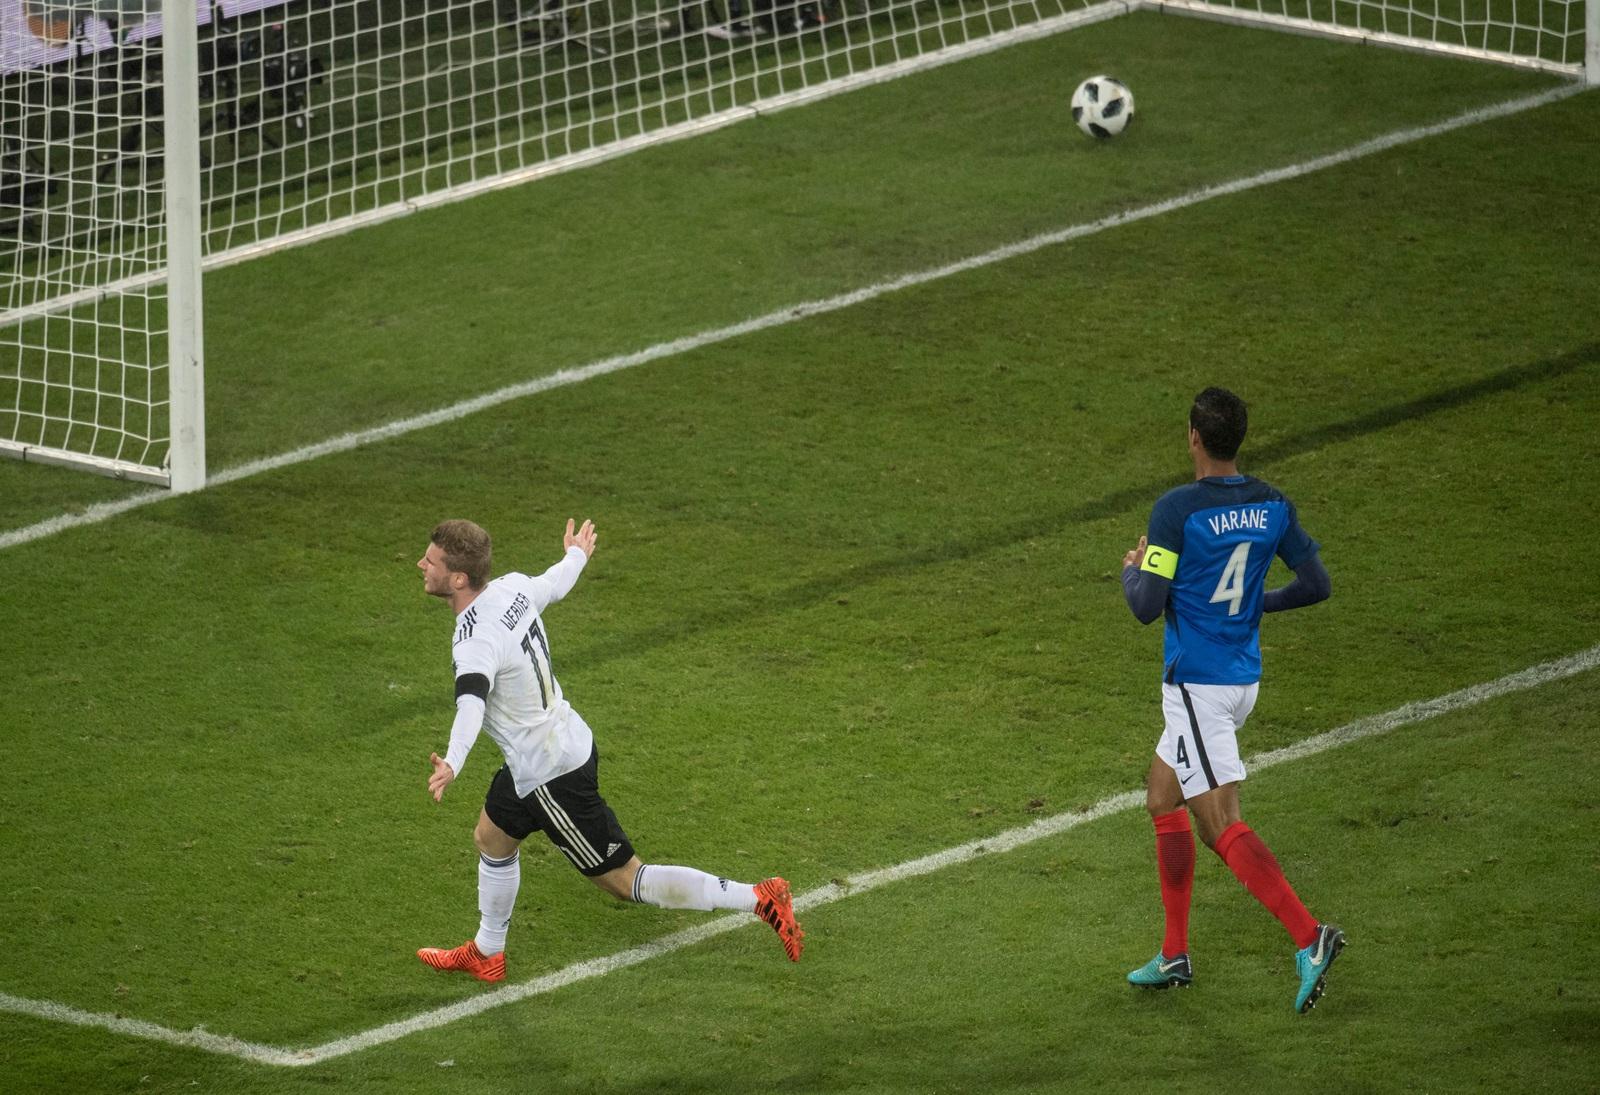 fußballspiel deutschland gegen frankreich